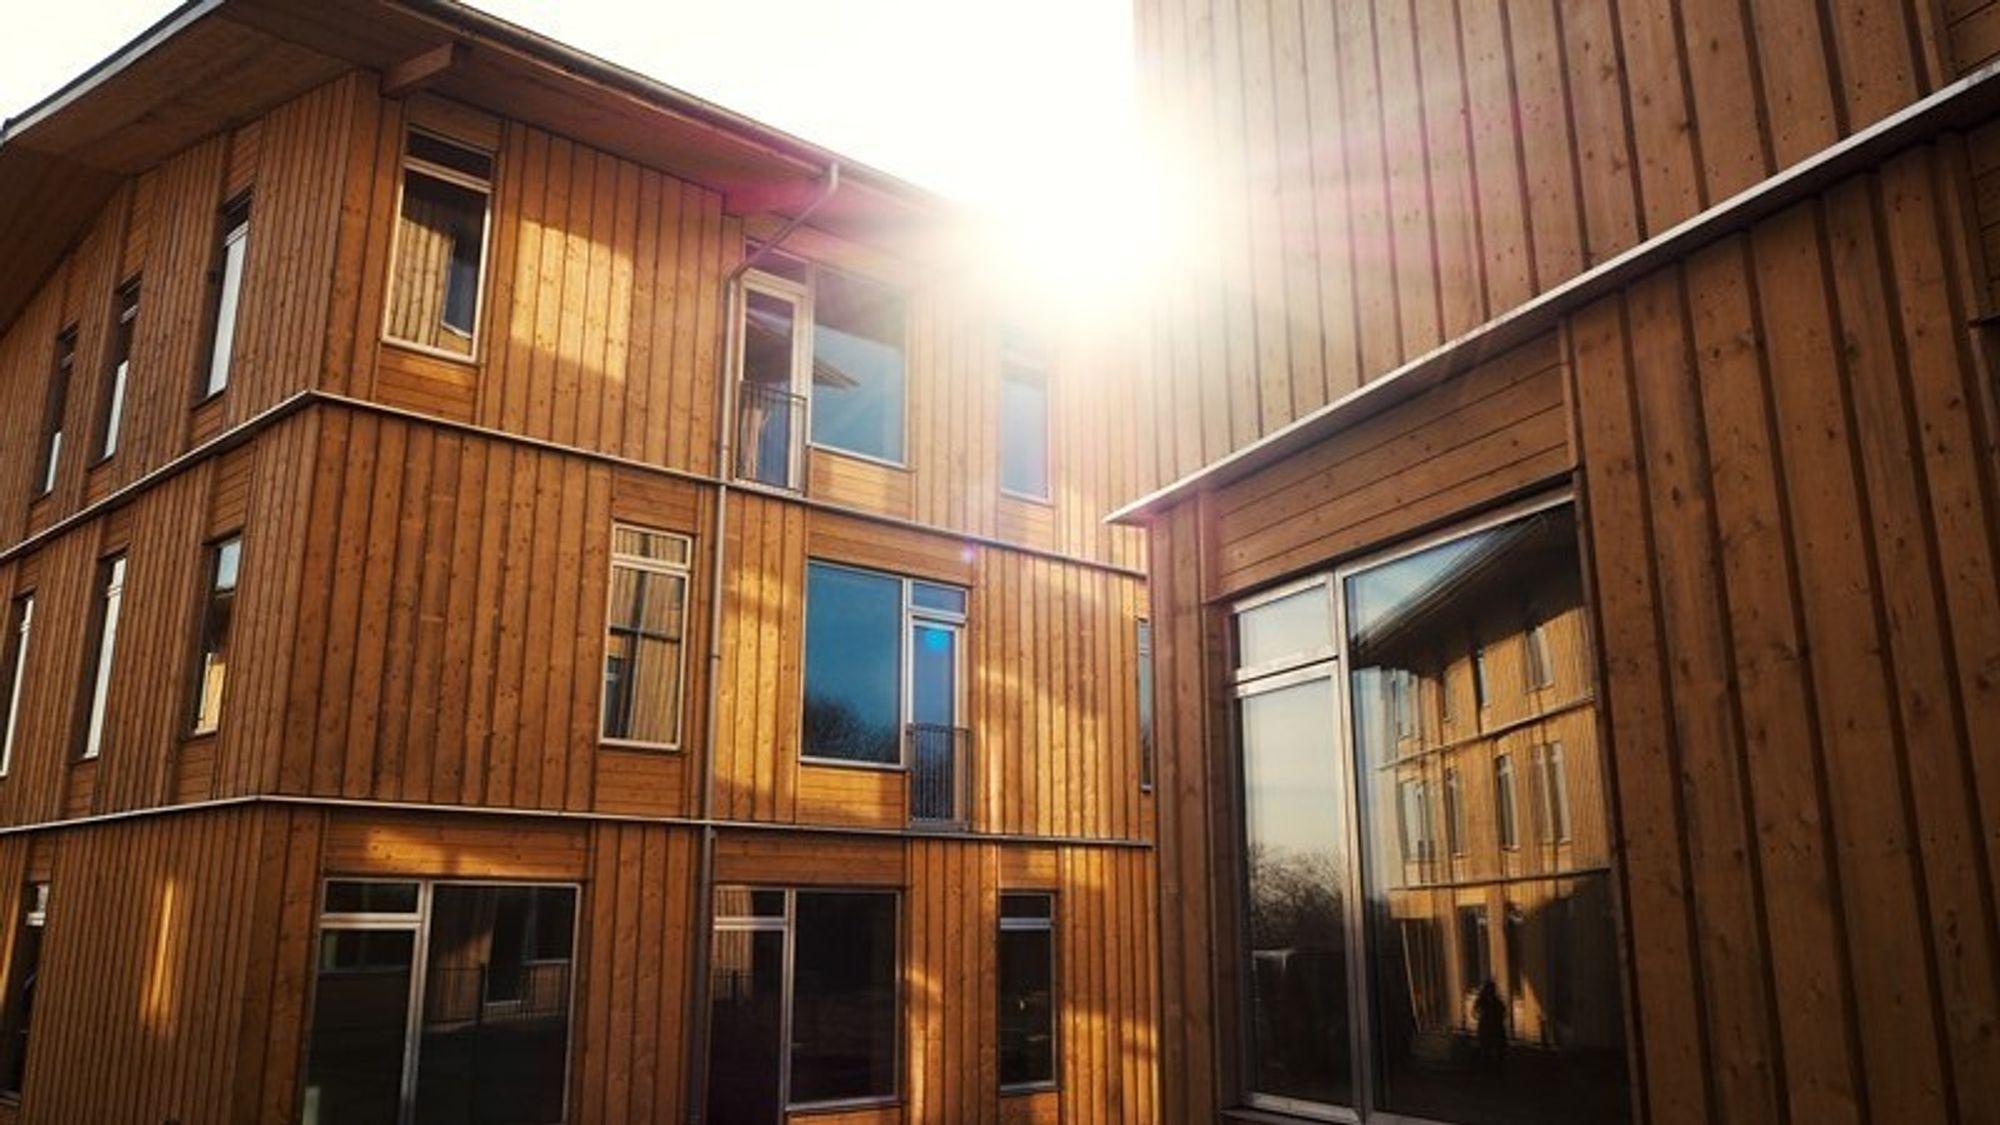 Ikke helt på Mjøstårn-nivå, men i Aarhus har boligorganisasjonen Al 2 Bolig fått oppført leiligheter i tre og fire etasjer med utstrakt bruk av tre i bærende konstruksjoner og fasader.